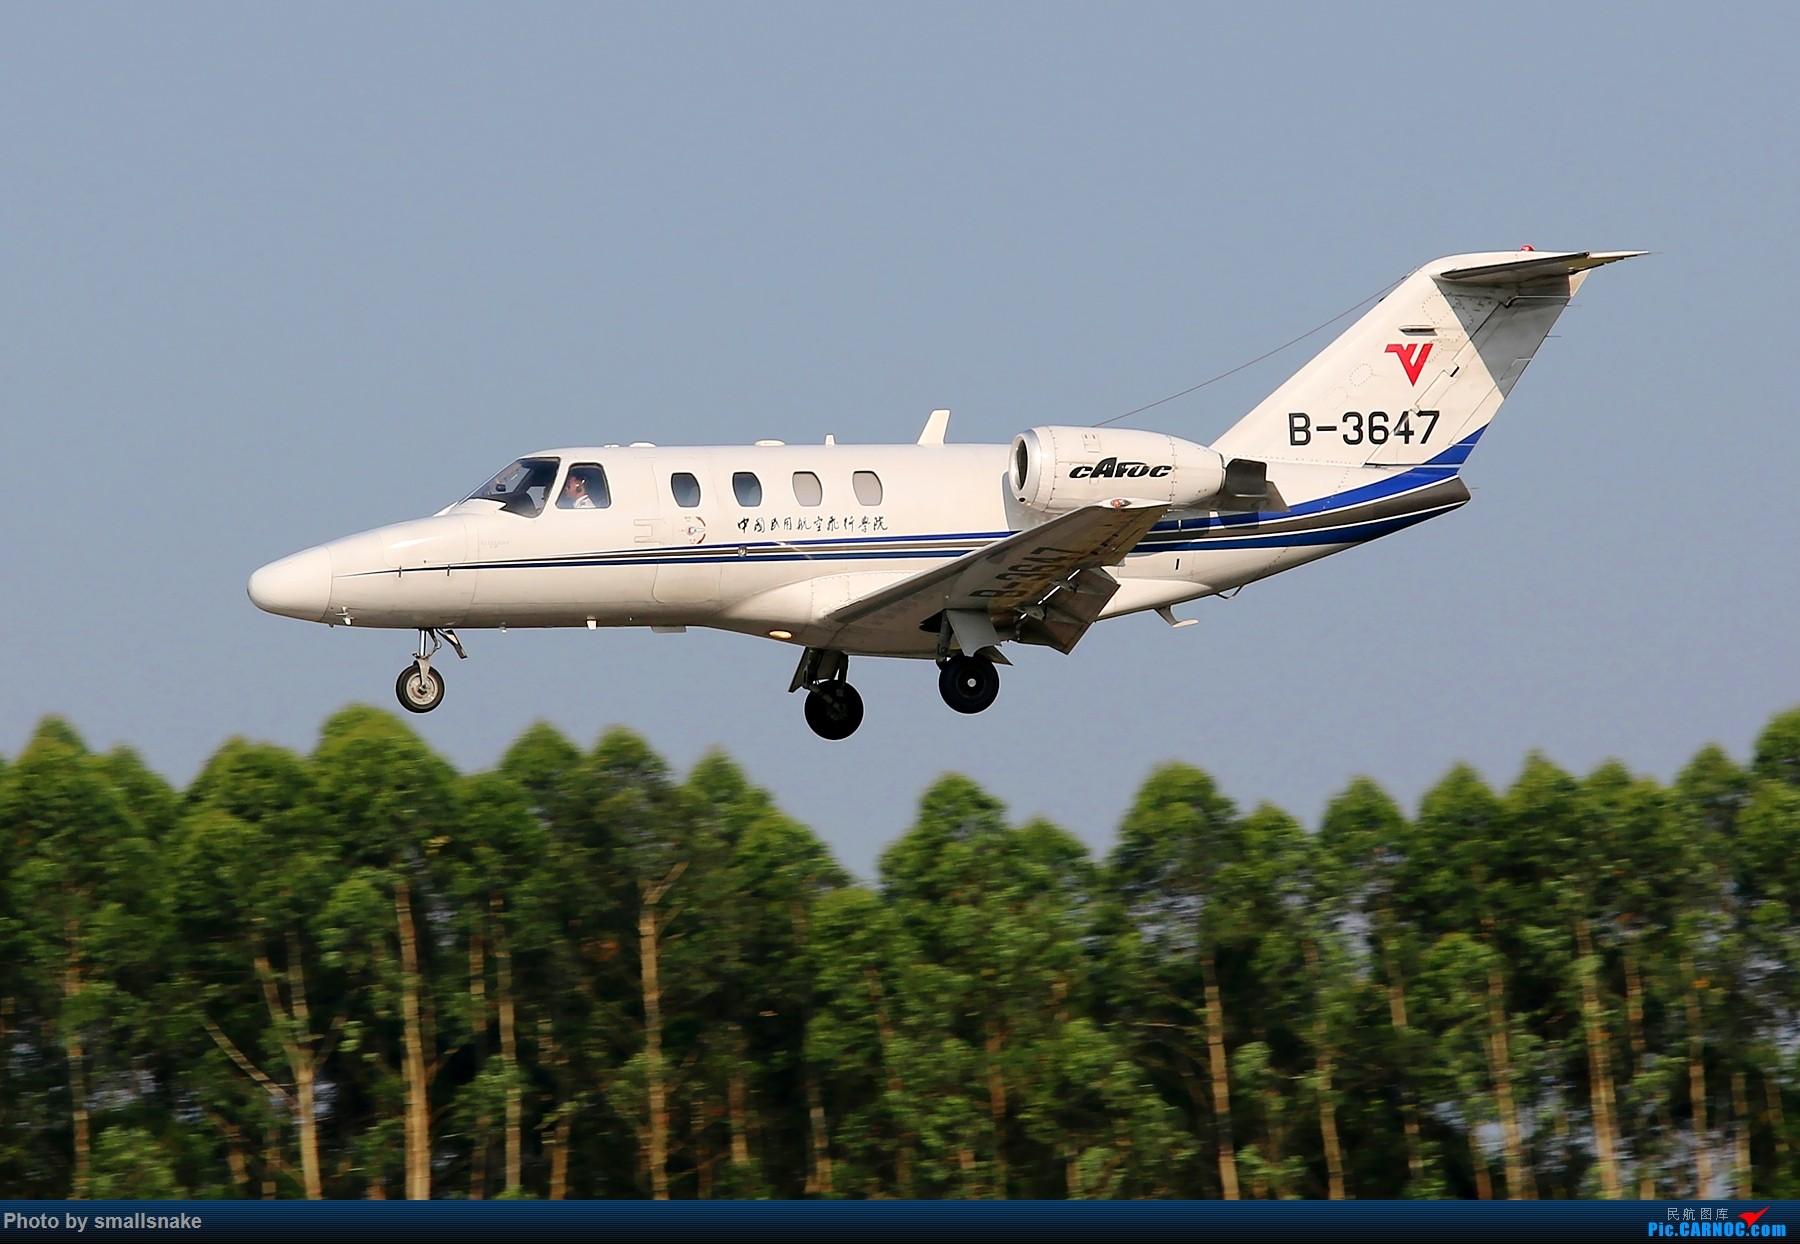 中国民用航空飞行学院 Csesna 525 CESSNA 525 B-3647 中国桂林两江国际机场